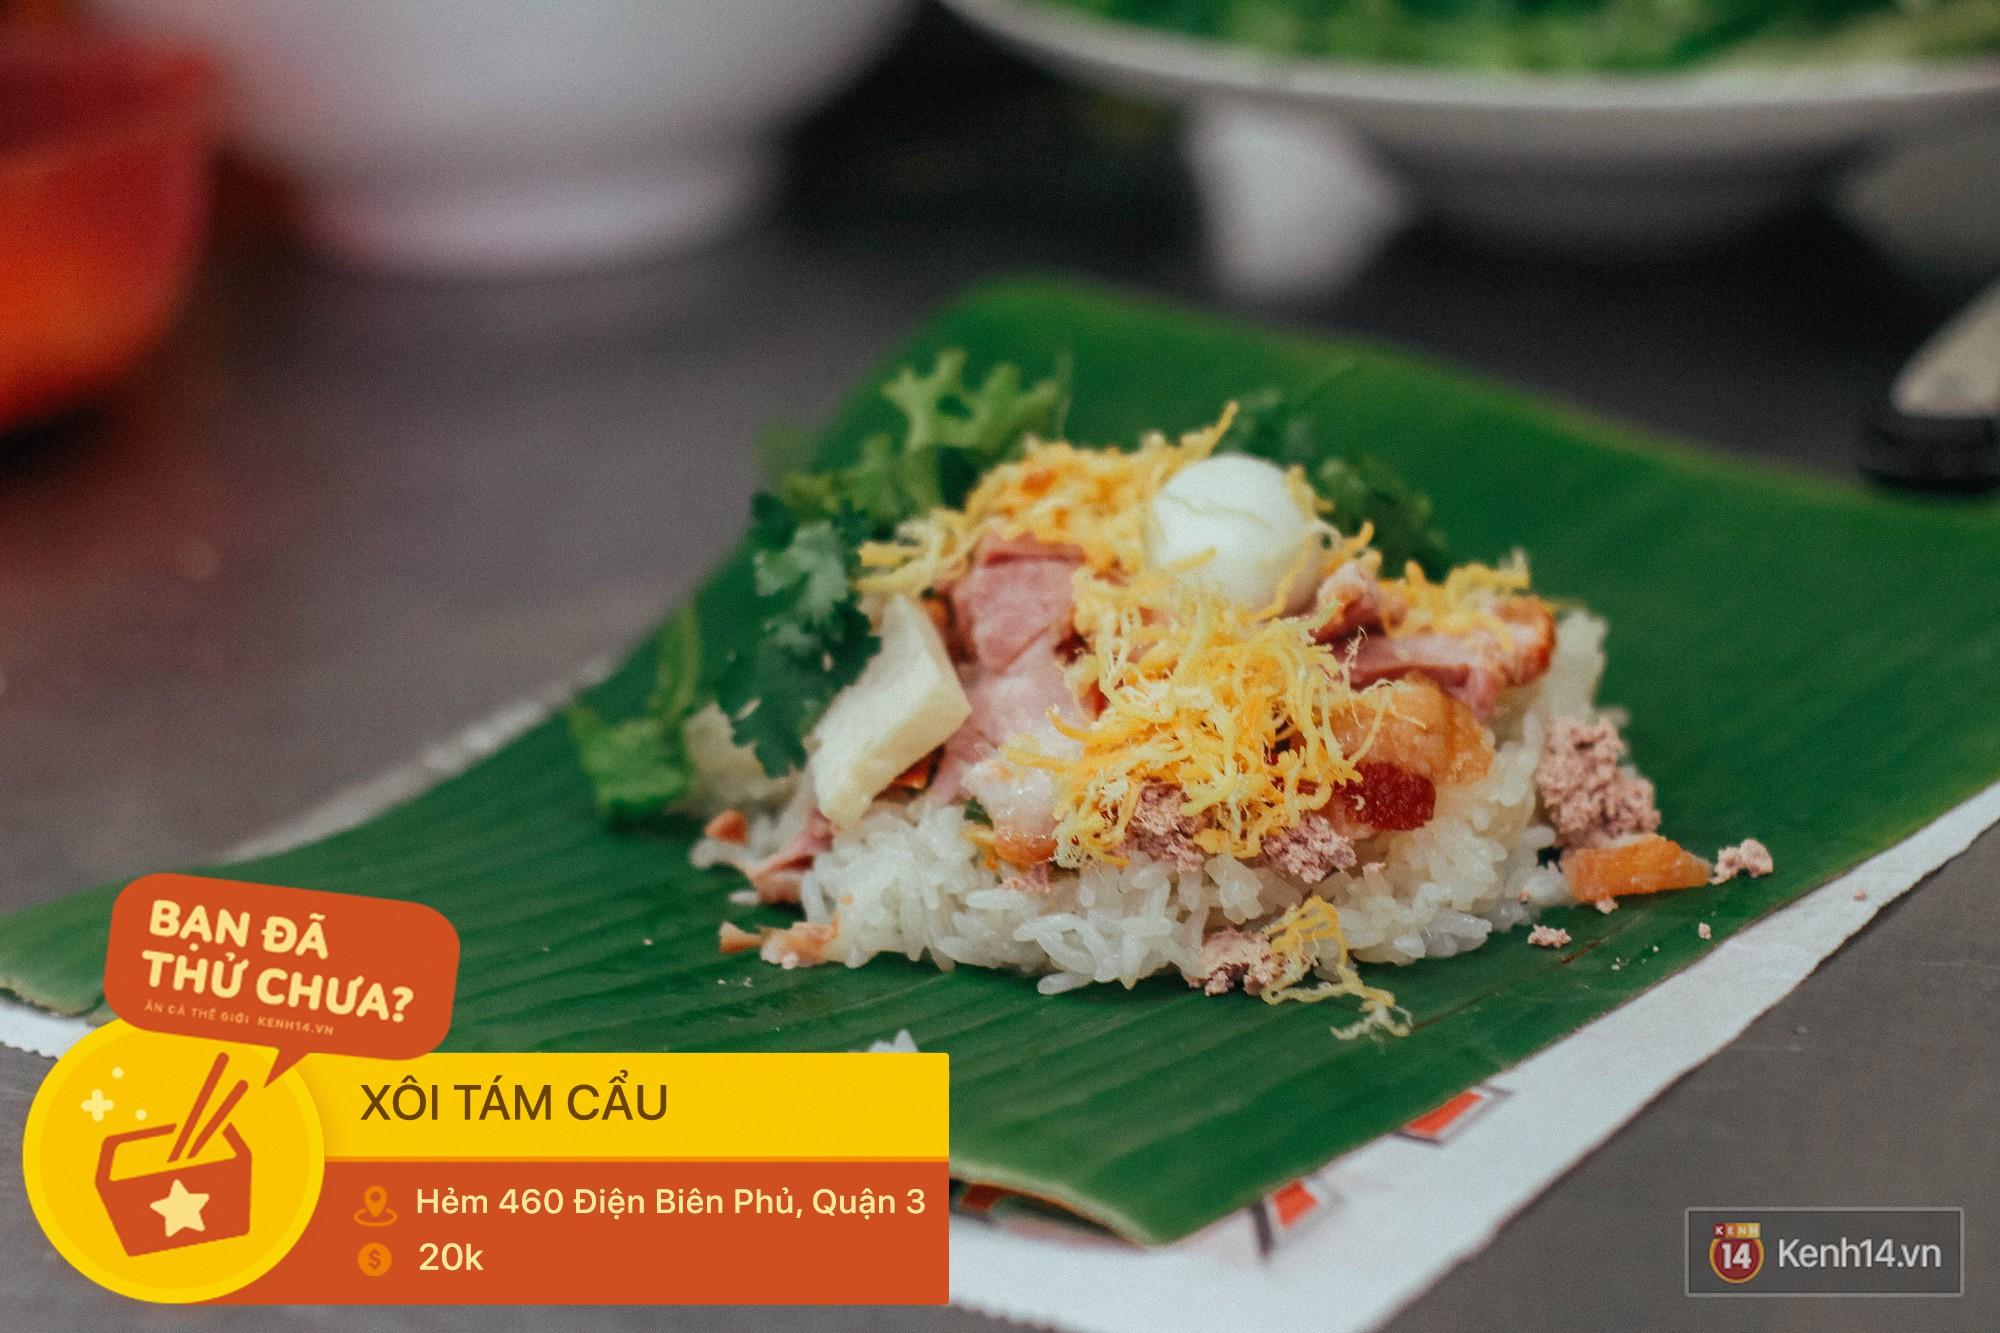 Tìm đâu những hàng xôi sáng nổi tiếng ở Sài Gòn để khởi động ngày mới - Ảnh 6.